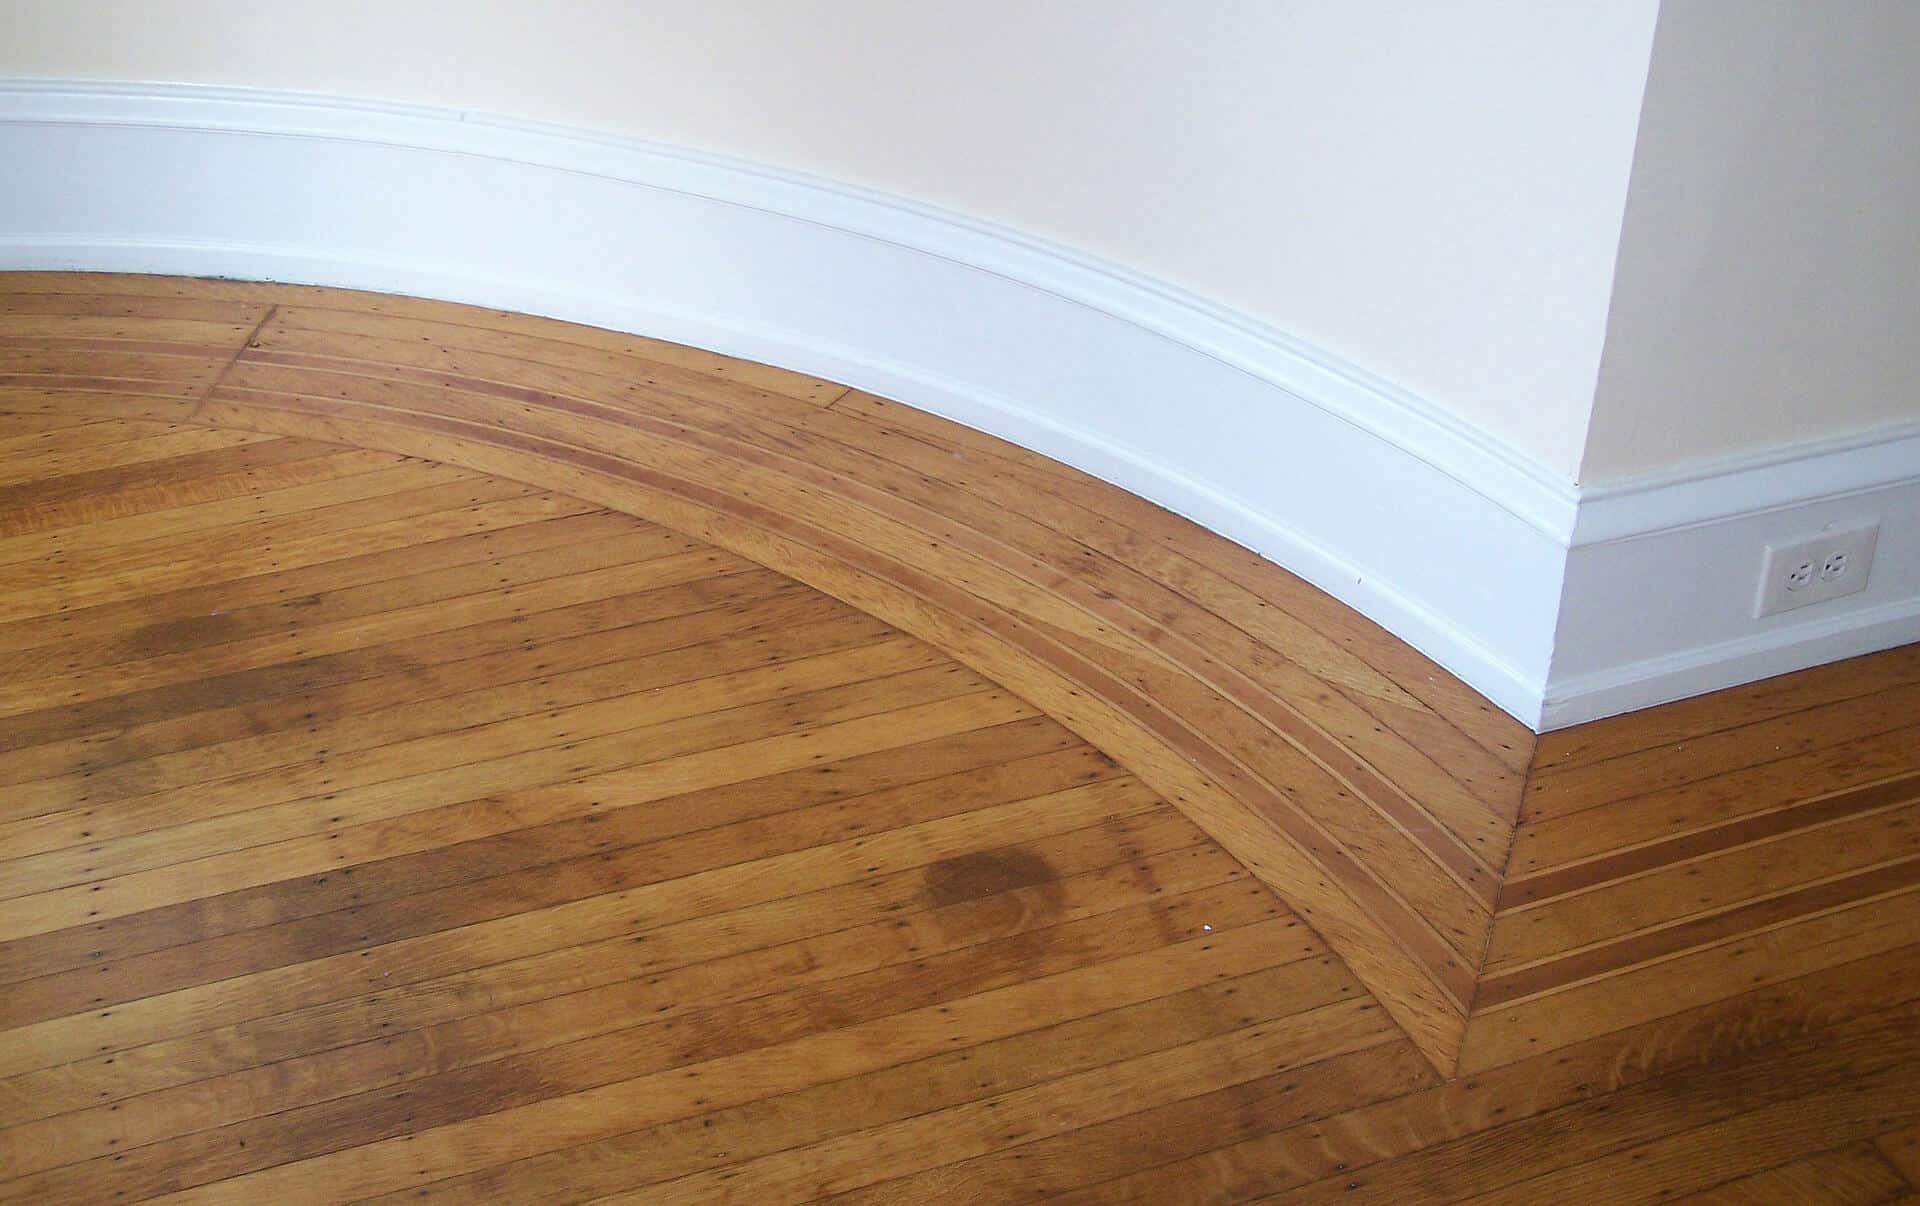 Ein Parkett- oder Dielenboden verleiht einem Raum einen warmen, wohnlichen Charakter. Selbst Parkett zu verlegen ist dabei gar nicht so schwer. Bildquelle: pixabay, © babylass, CC0 Public Domain